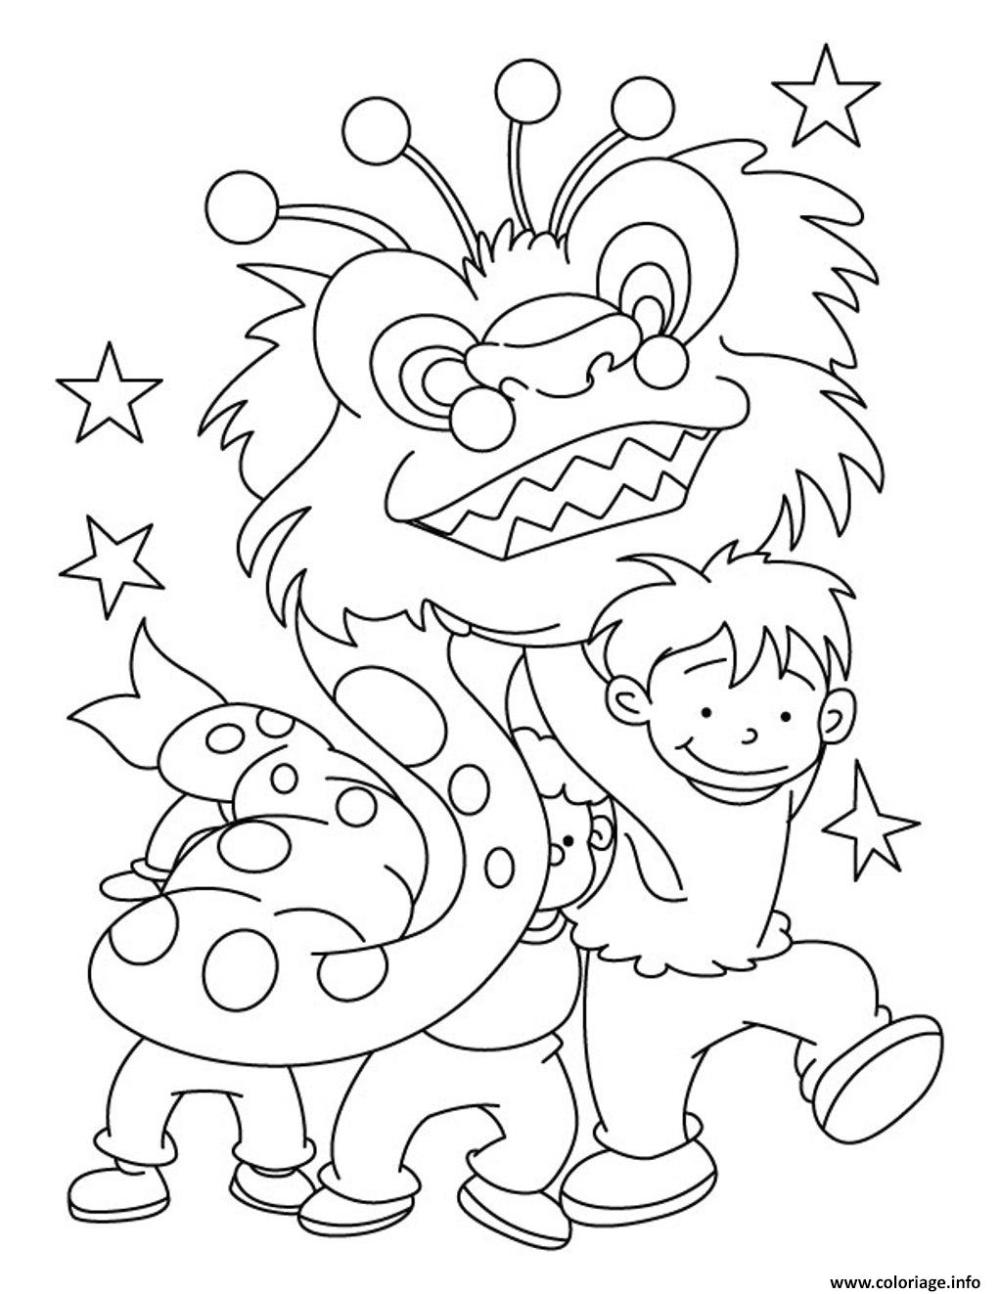 Coloriage dragon nouvel an chinois kids Dessin à Imprimer en 15